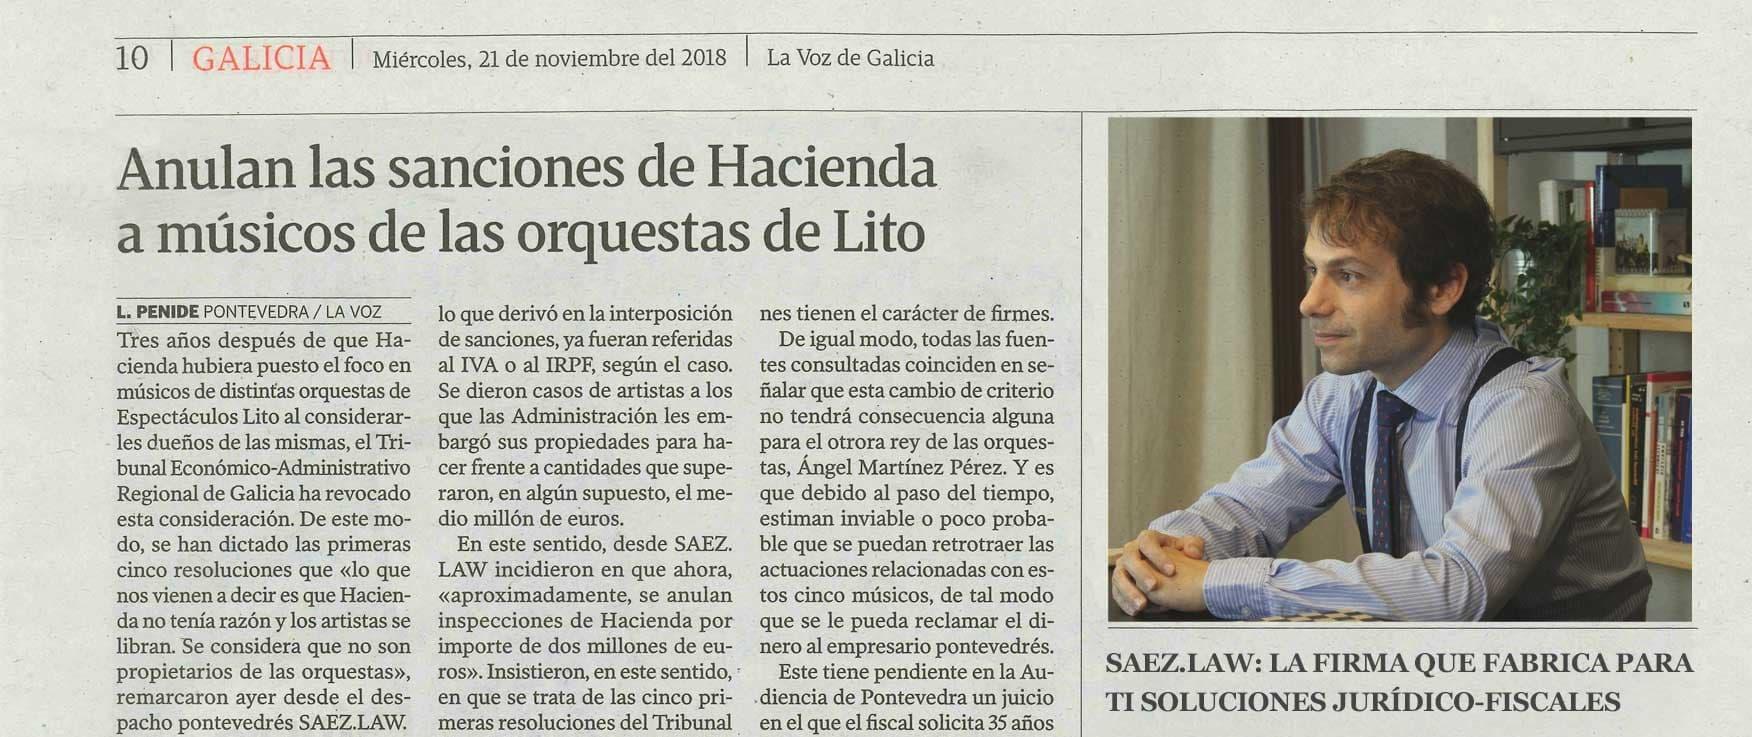 Álvaro Sáez el abogado fiscal nº1 logra que hacienda anule las sanciones a sus clientes por valor de más de 2 millones de euros.